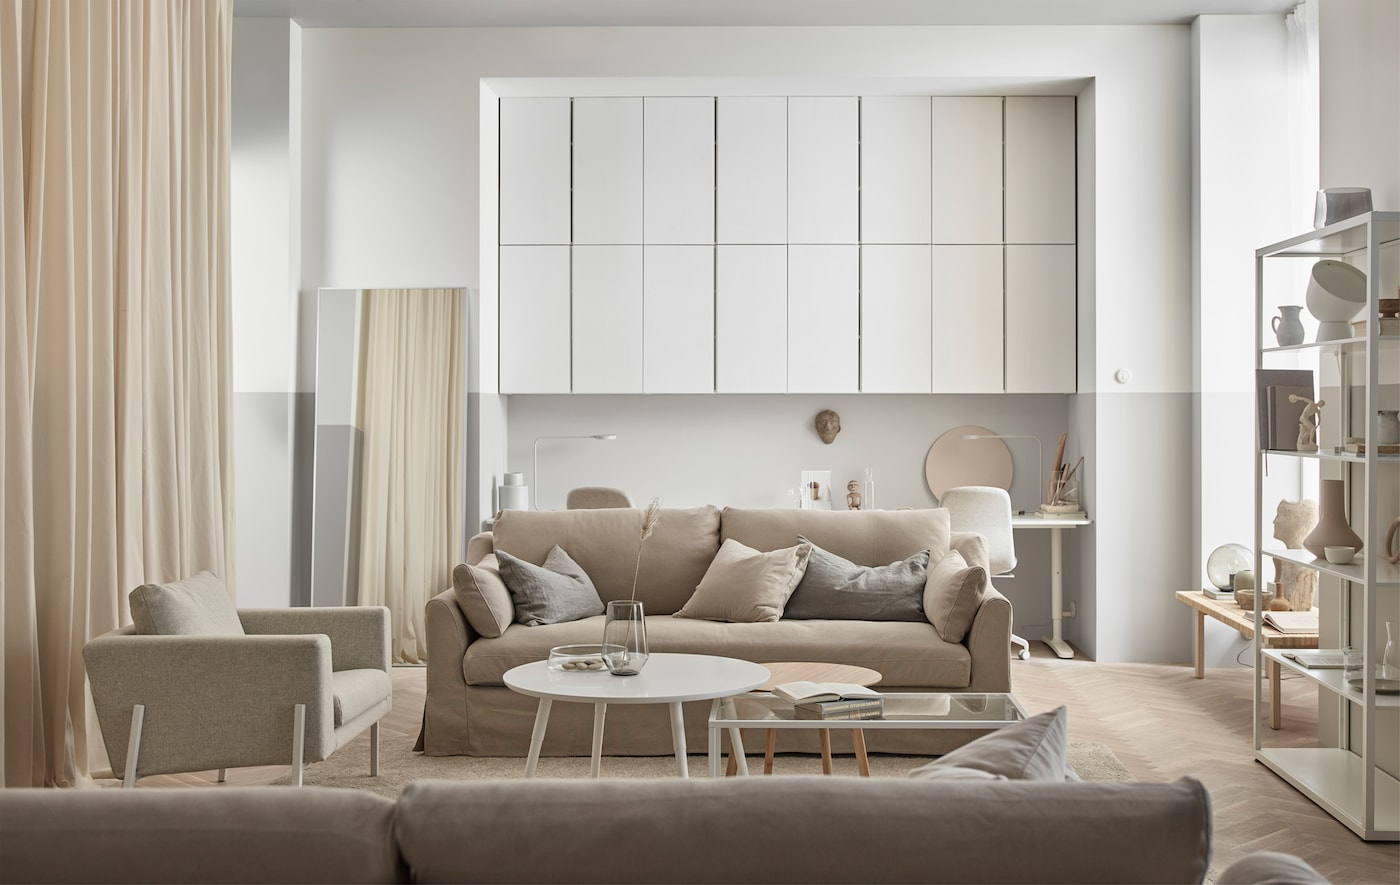 Un soggiorno tono su tono, con i pensili IVAR dipinti nella stessa nuance delle pareti - IKEA